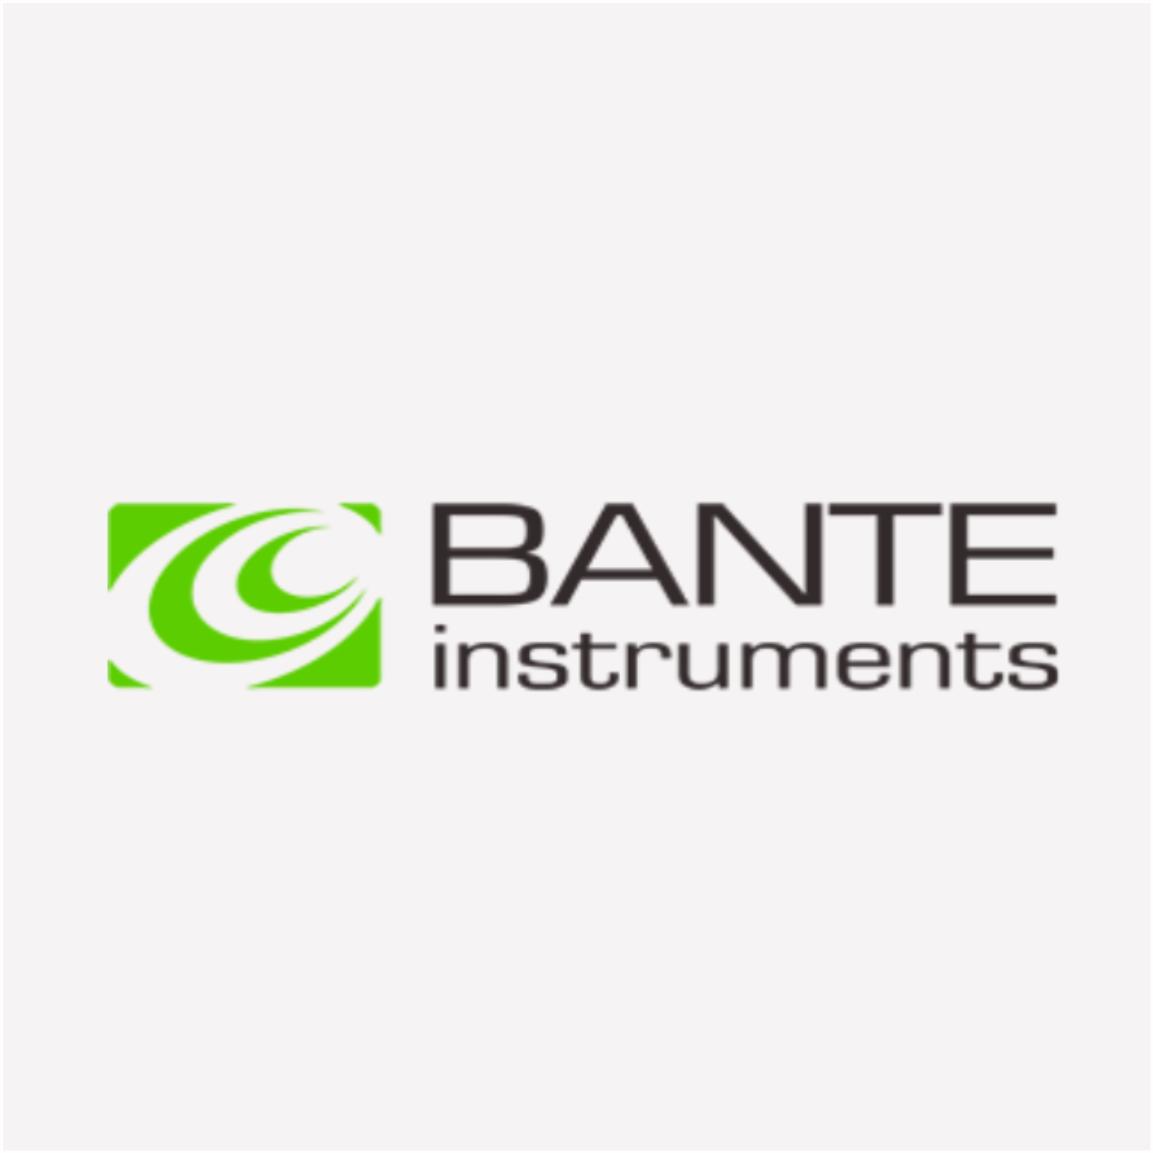 bante_logo